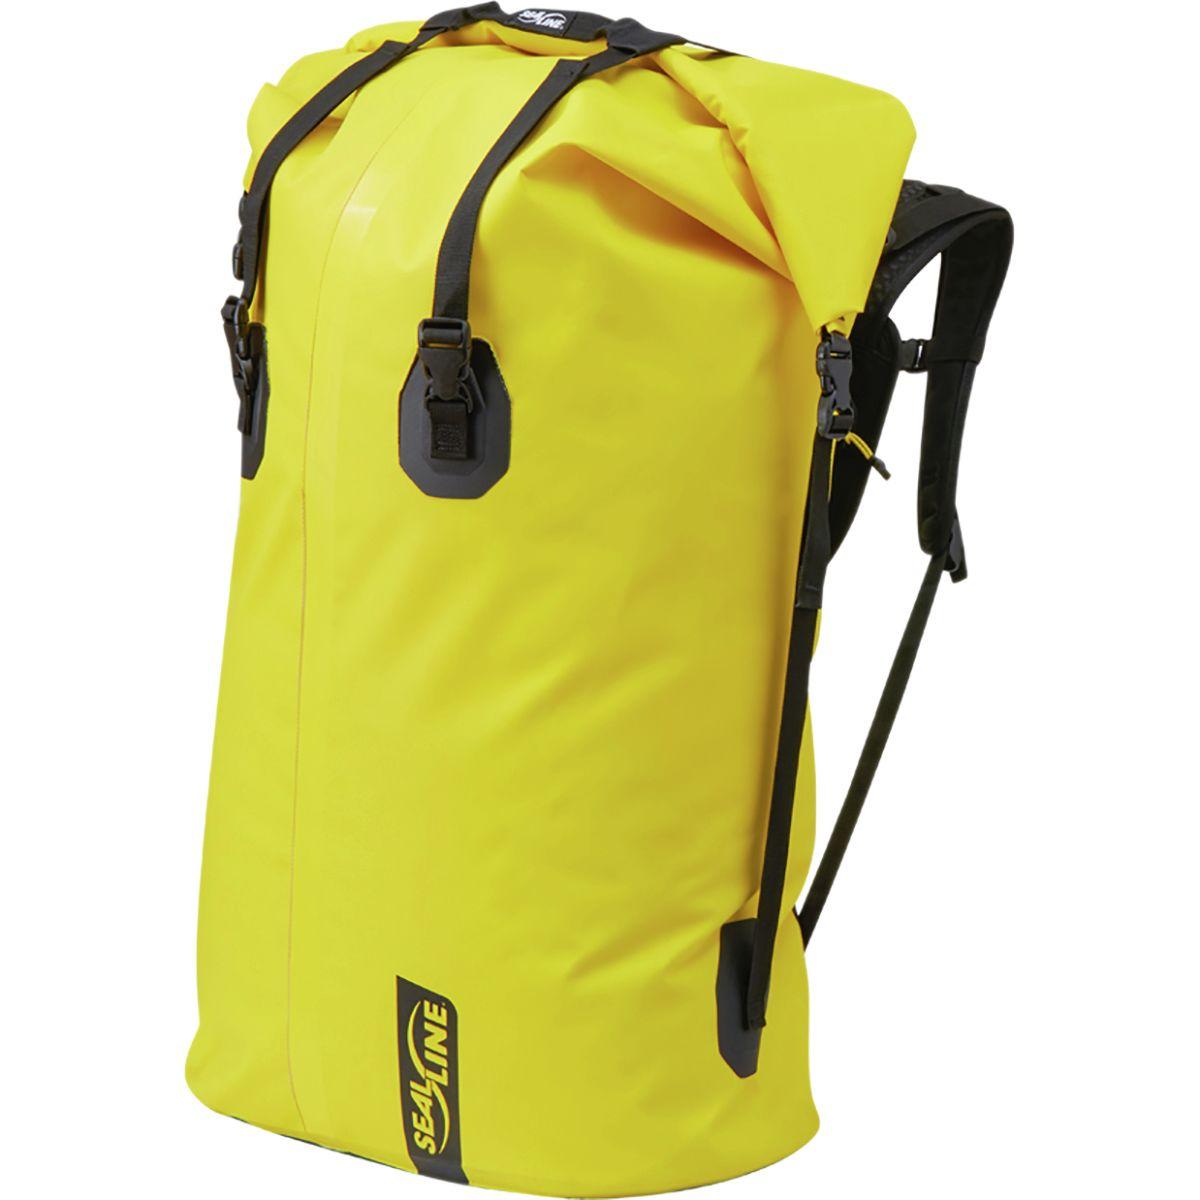 SealLine Boundary Dry Pack